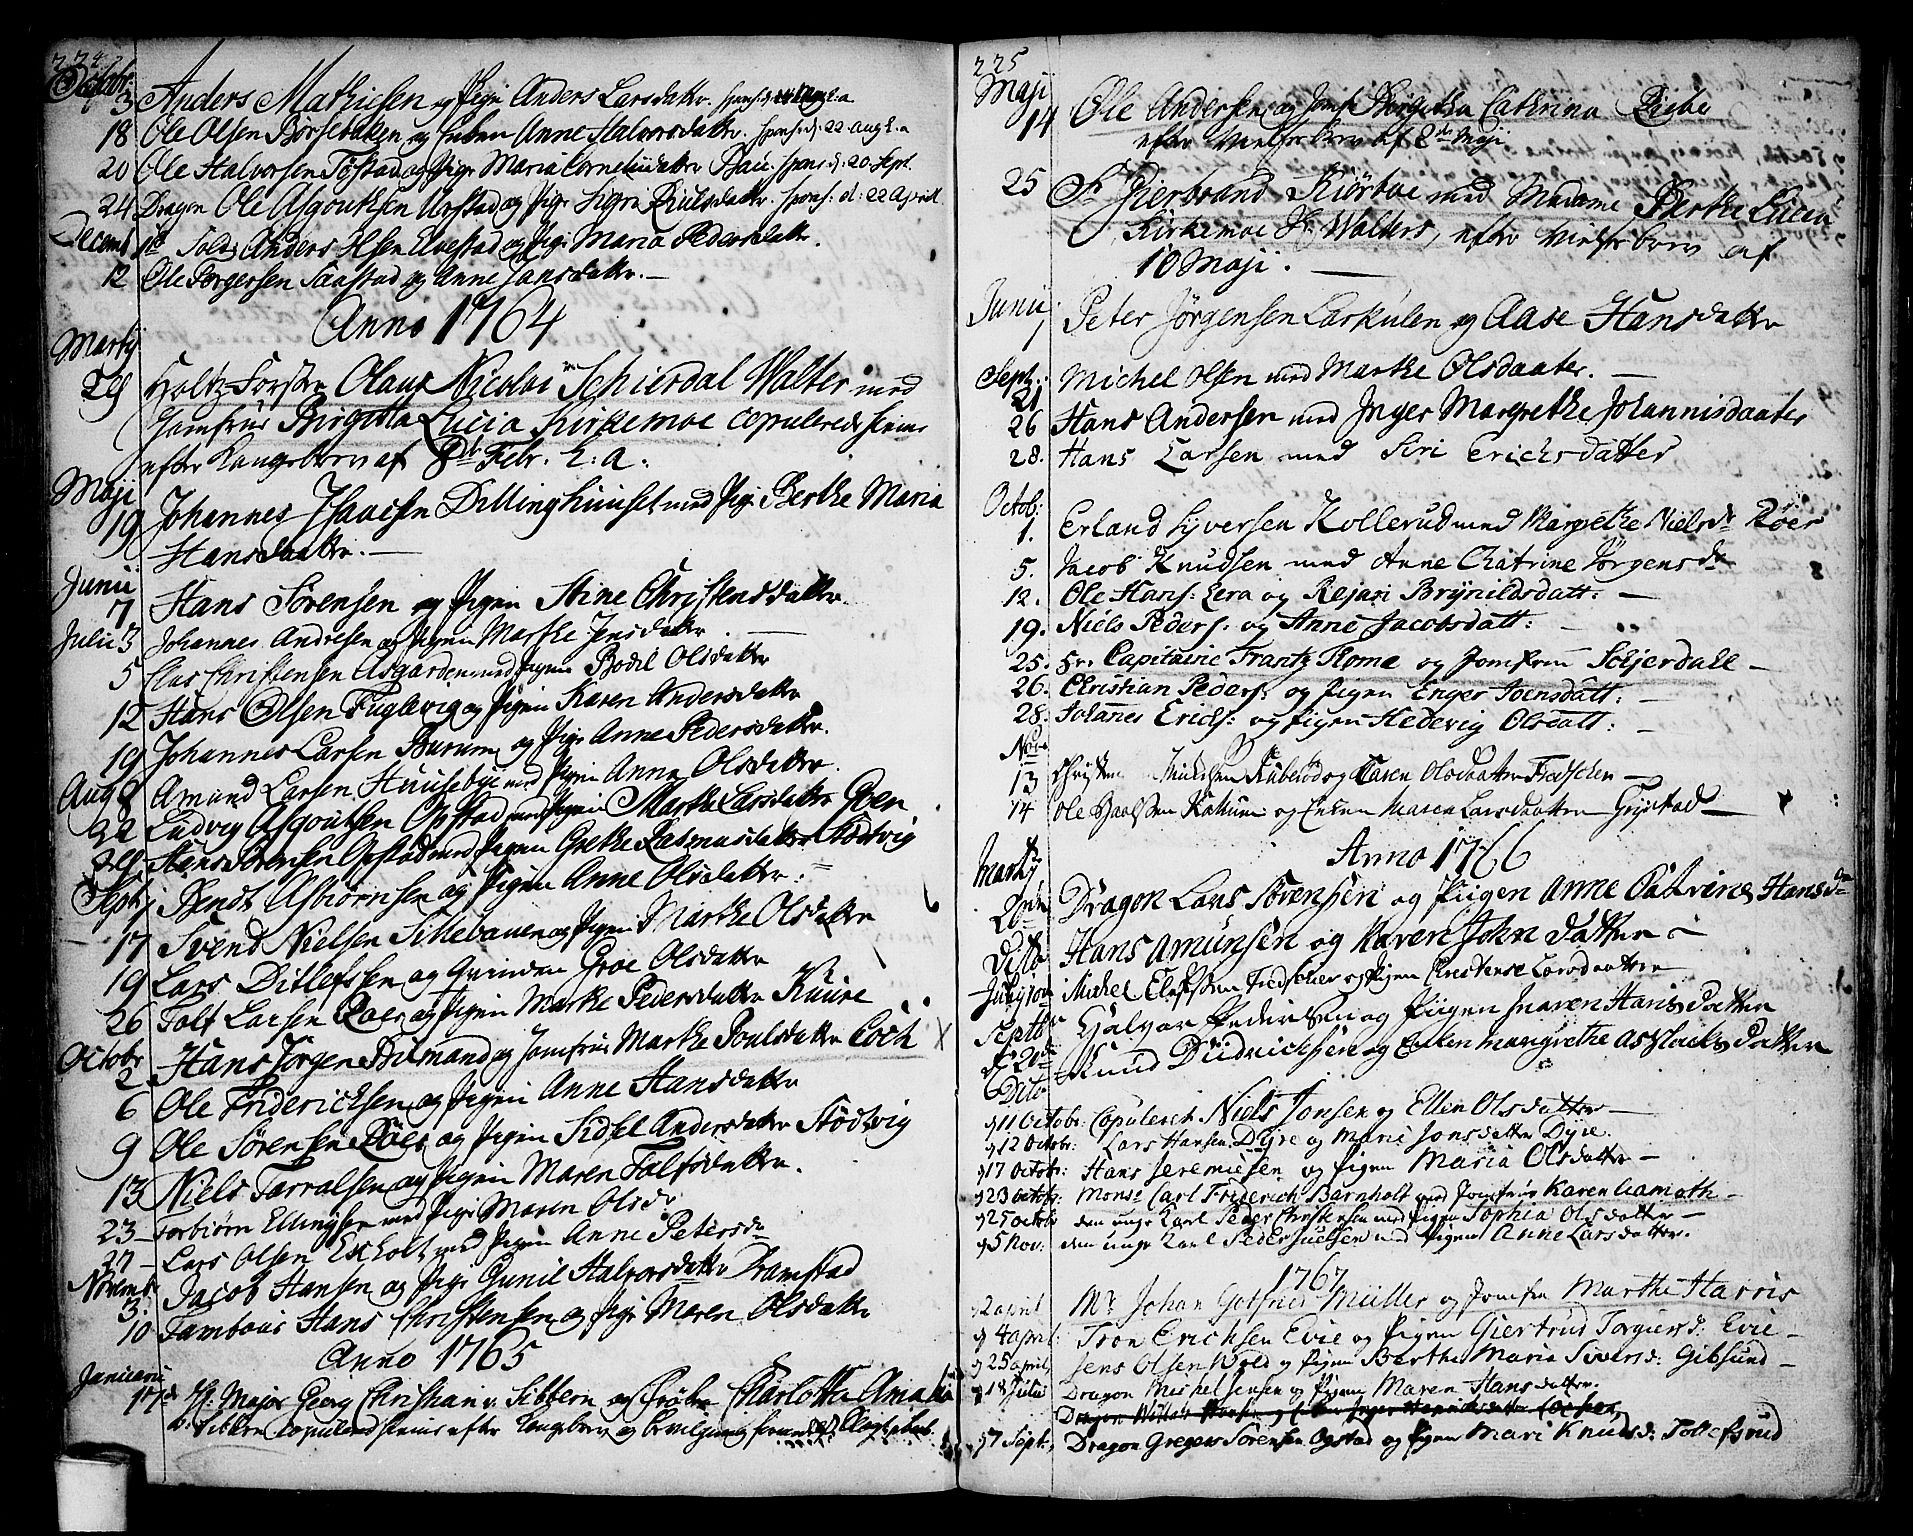 SAO, Rygge prestekontor Kirkebøker, F/Fa/L0001: Ministerialbok nr. 1, 1725-1771, s. 224-225